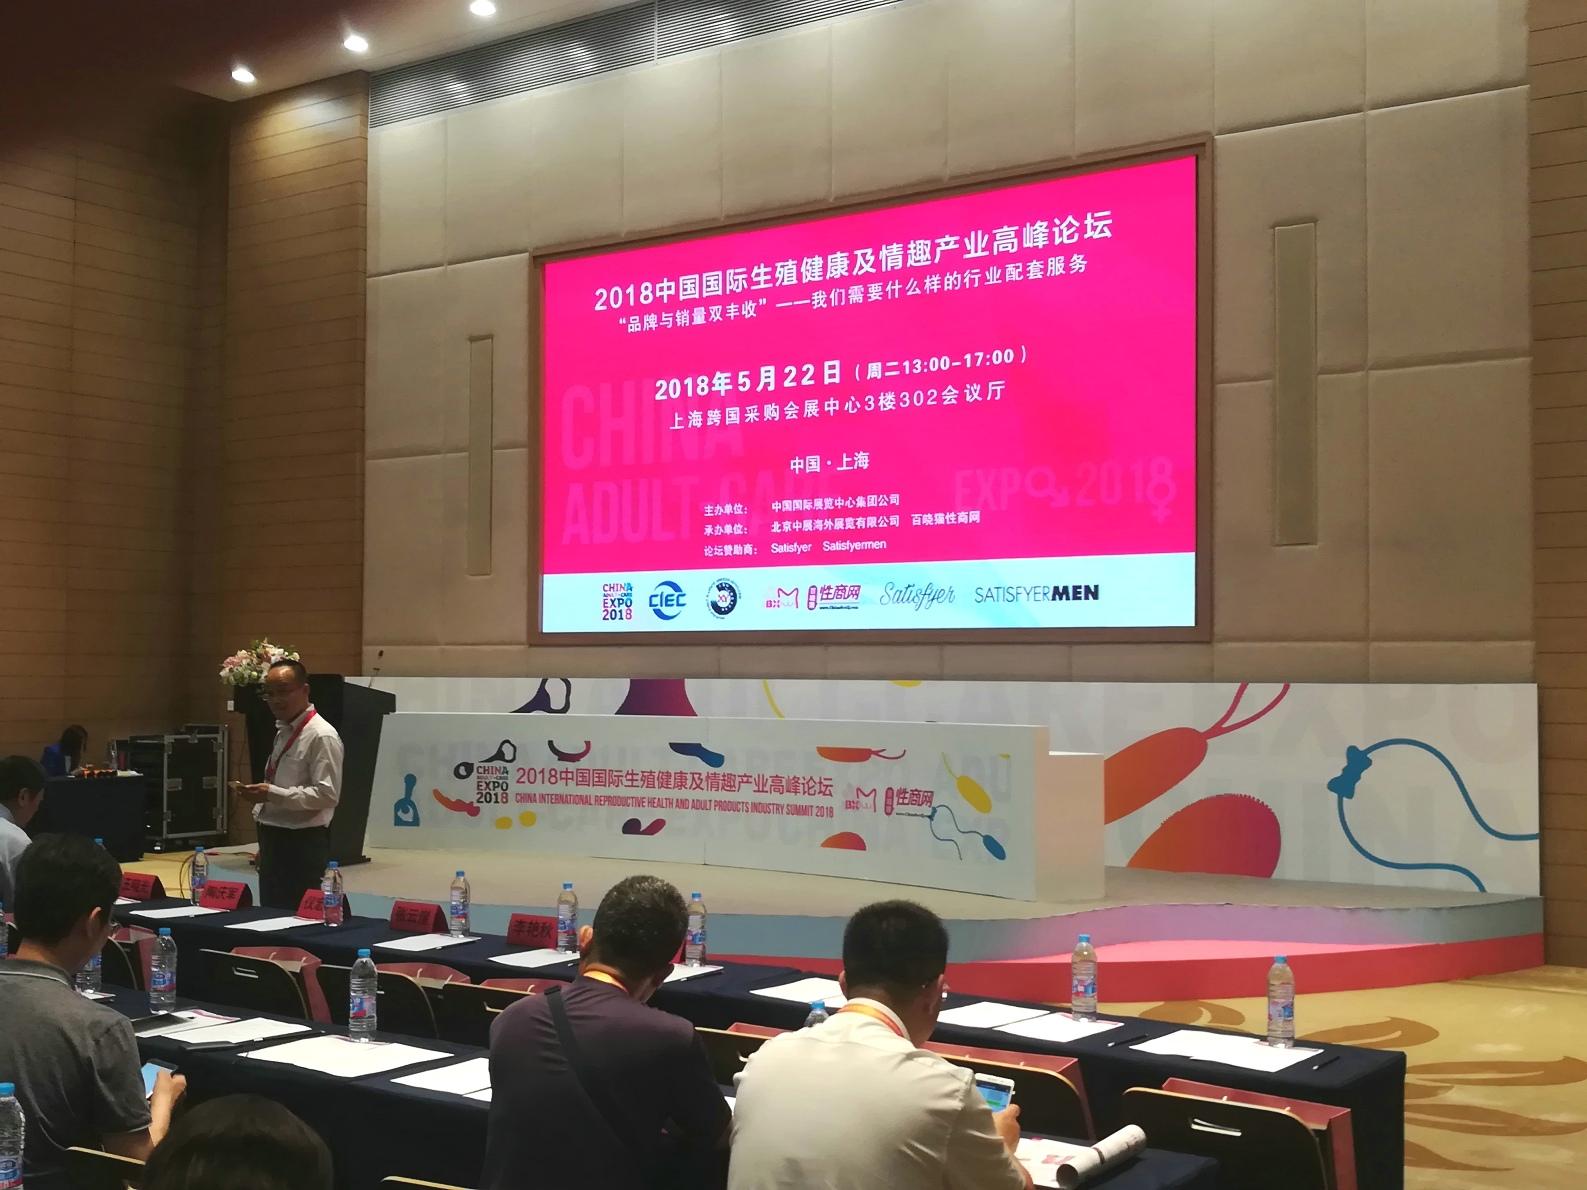 2018中国国际生殖健康及情趣产业高峰论坛现场报道!